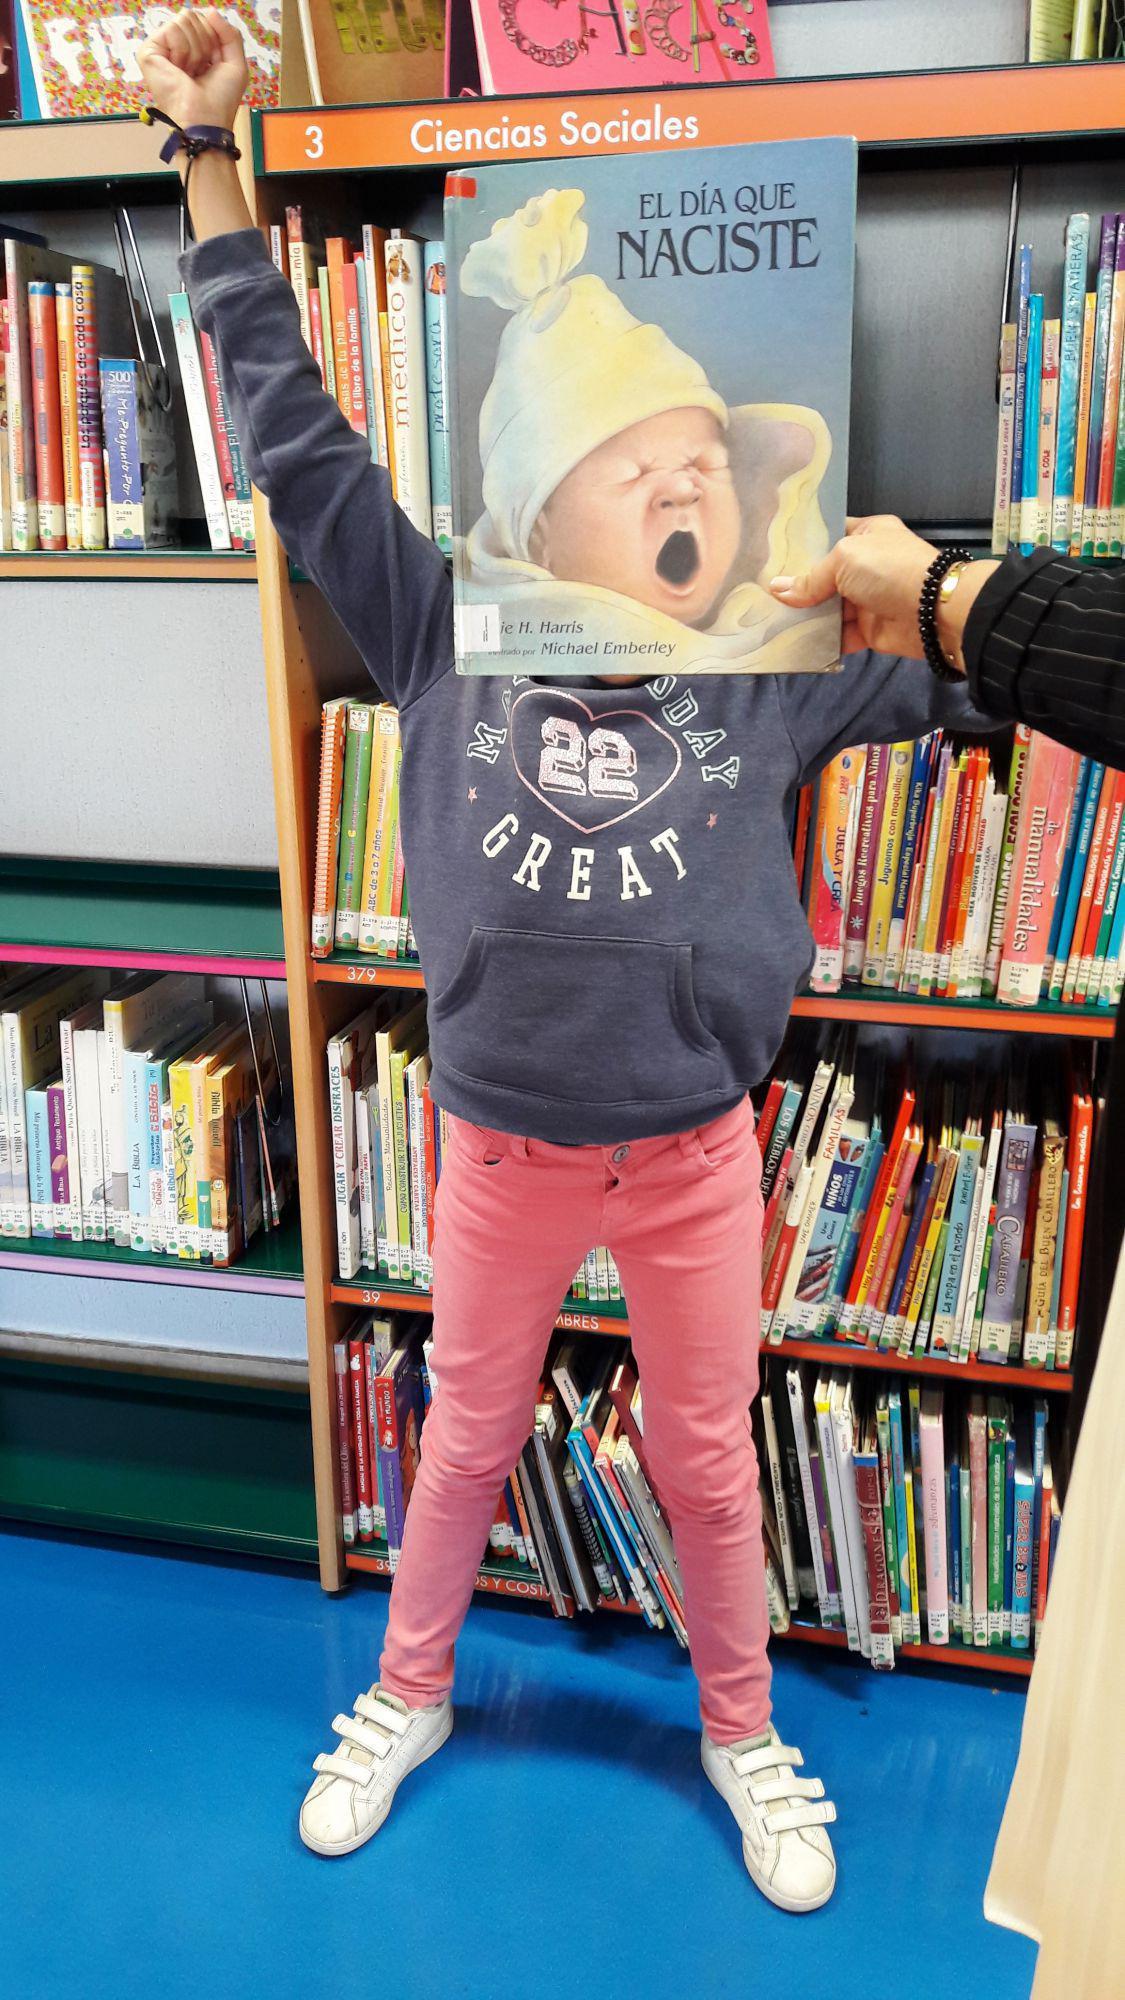 Bibliotecarios usuarios y alumnos de pozuelo participan en un bookface fundiendo sus im genes - Libreria pozuelo ...